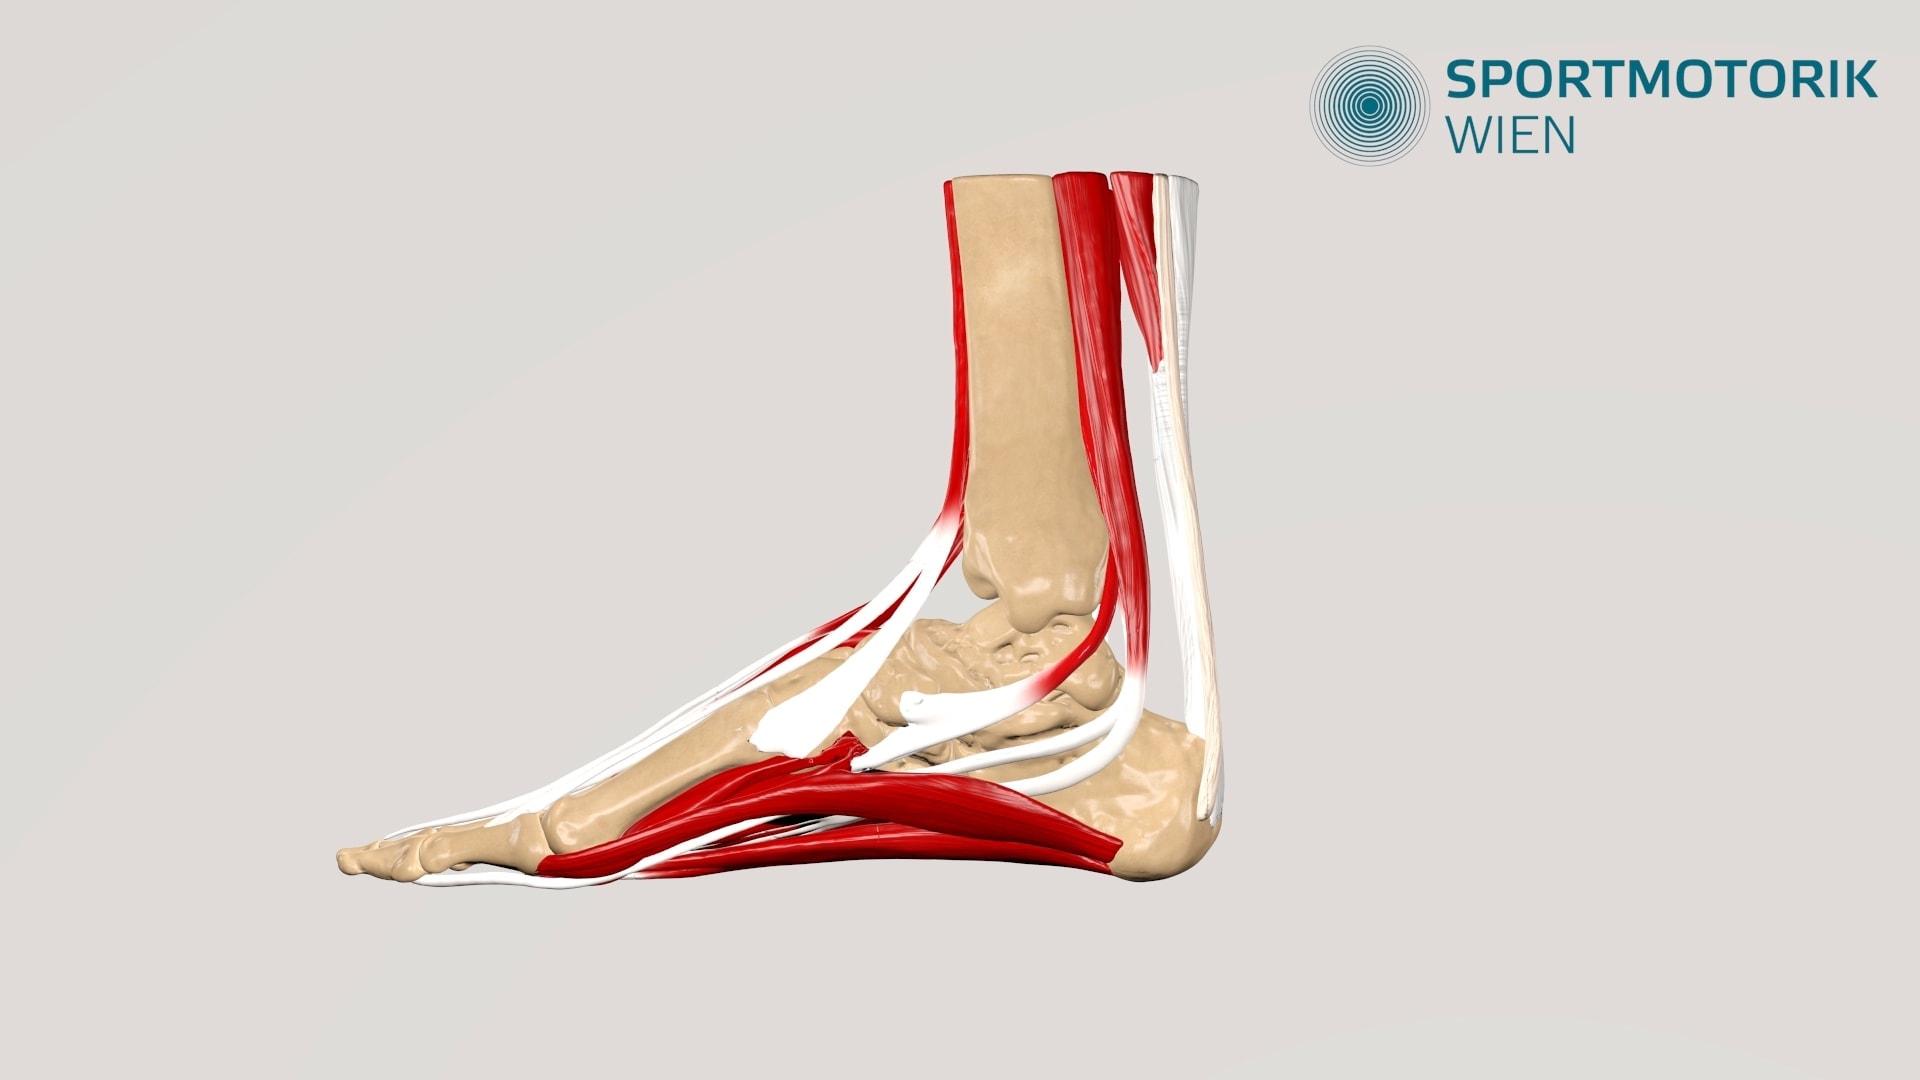 Fuß 3D Animation